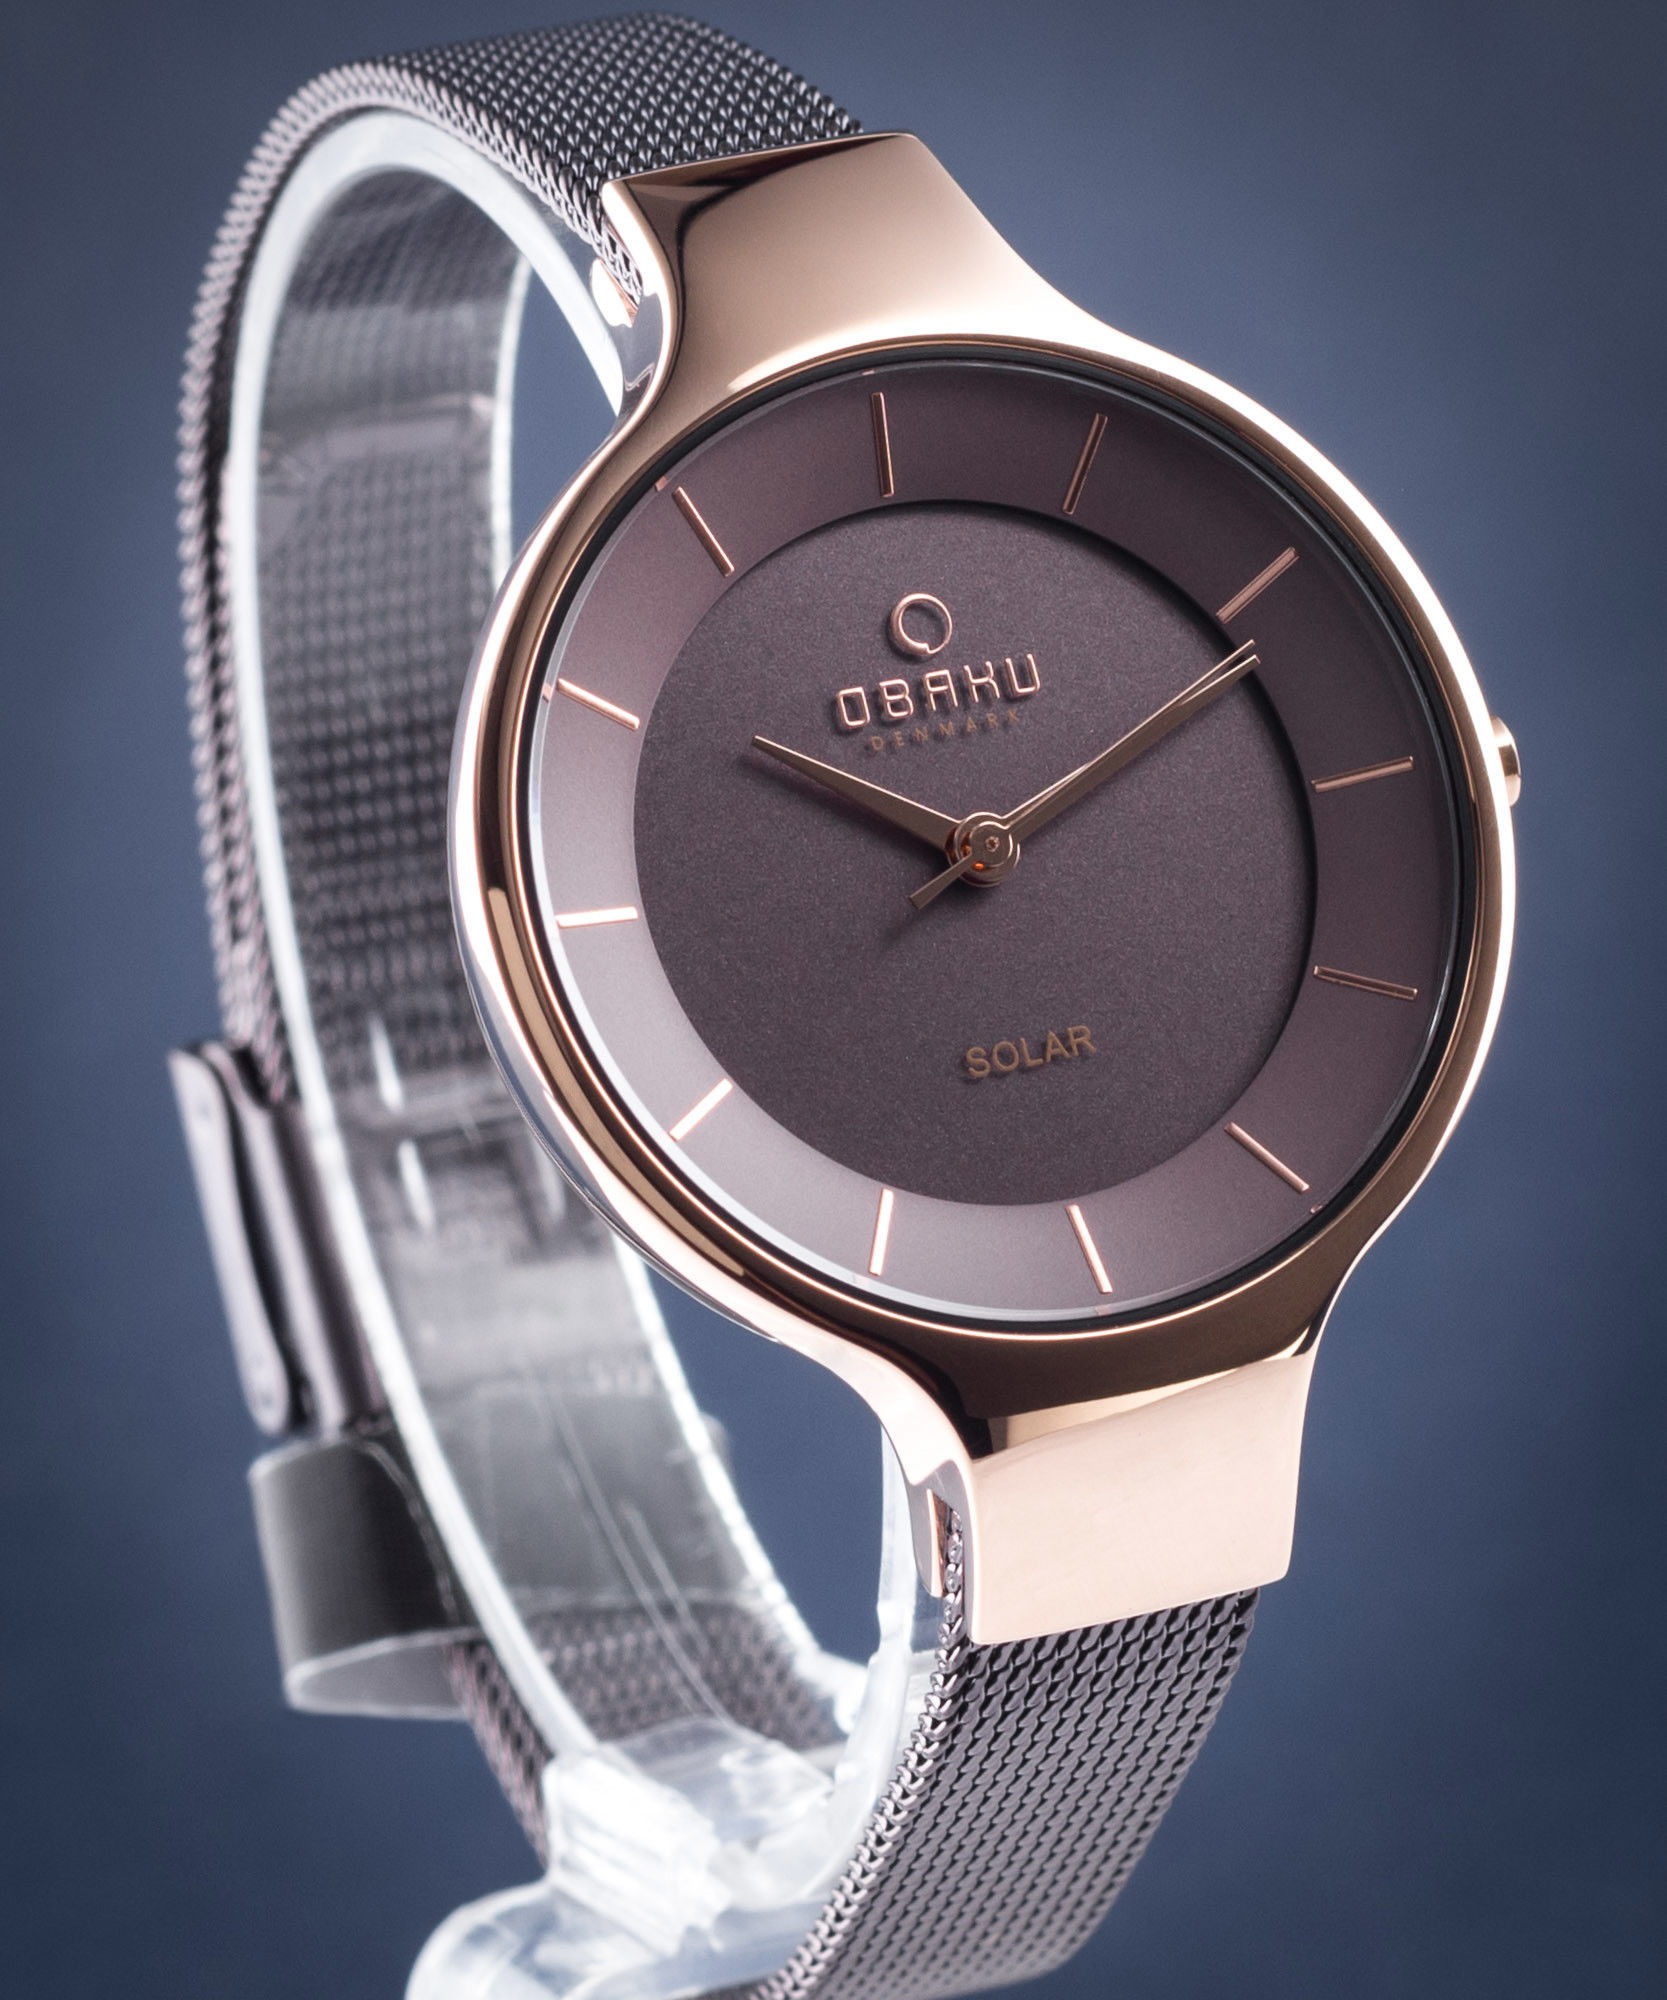 Zegarek Obaku Denmark V221LRVNMN GRY - WALNUT - CENA DO NEGOCJACJI - DOSTAWA DHL GRATIS, KUPUJ BEZ RYZYKA - 100 dni na zwrot, możliwość wygrawerowania dowolnego tekstu.